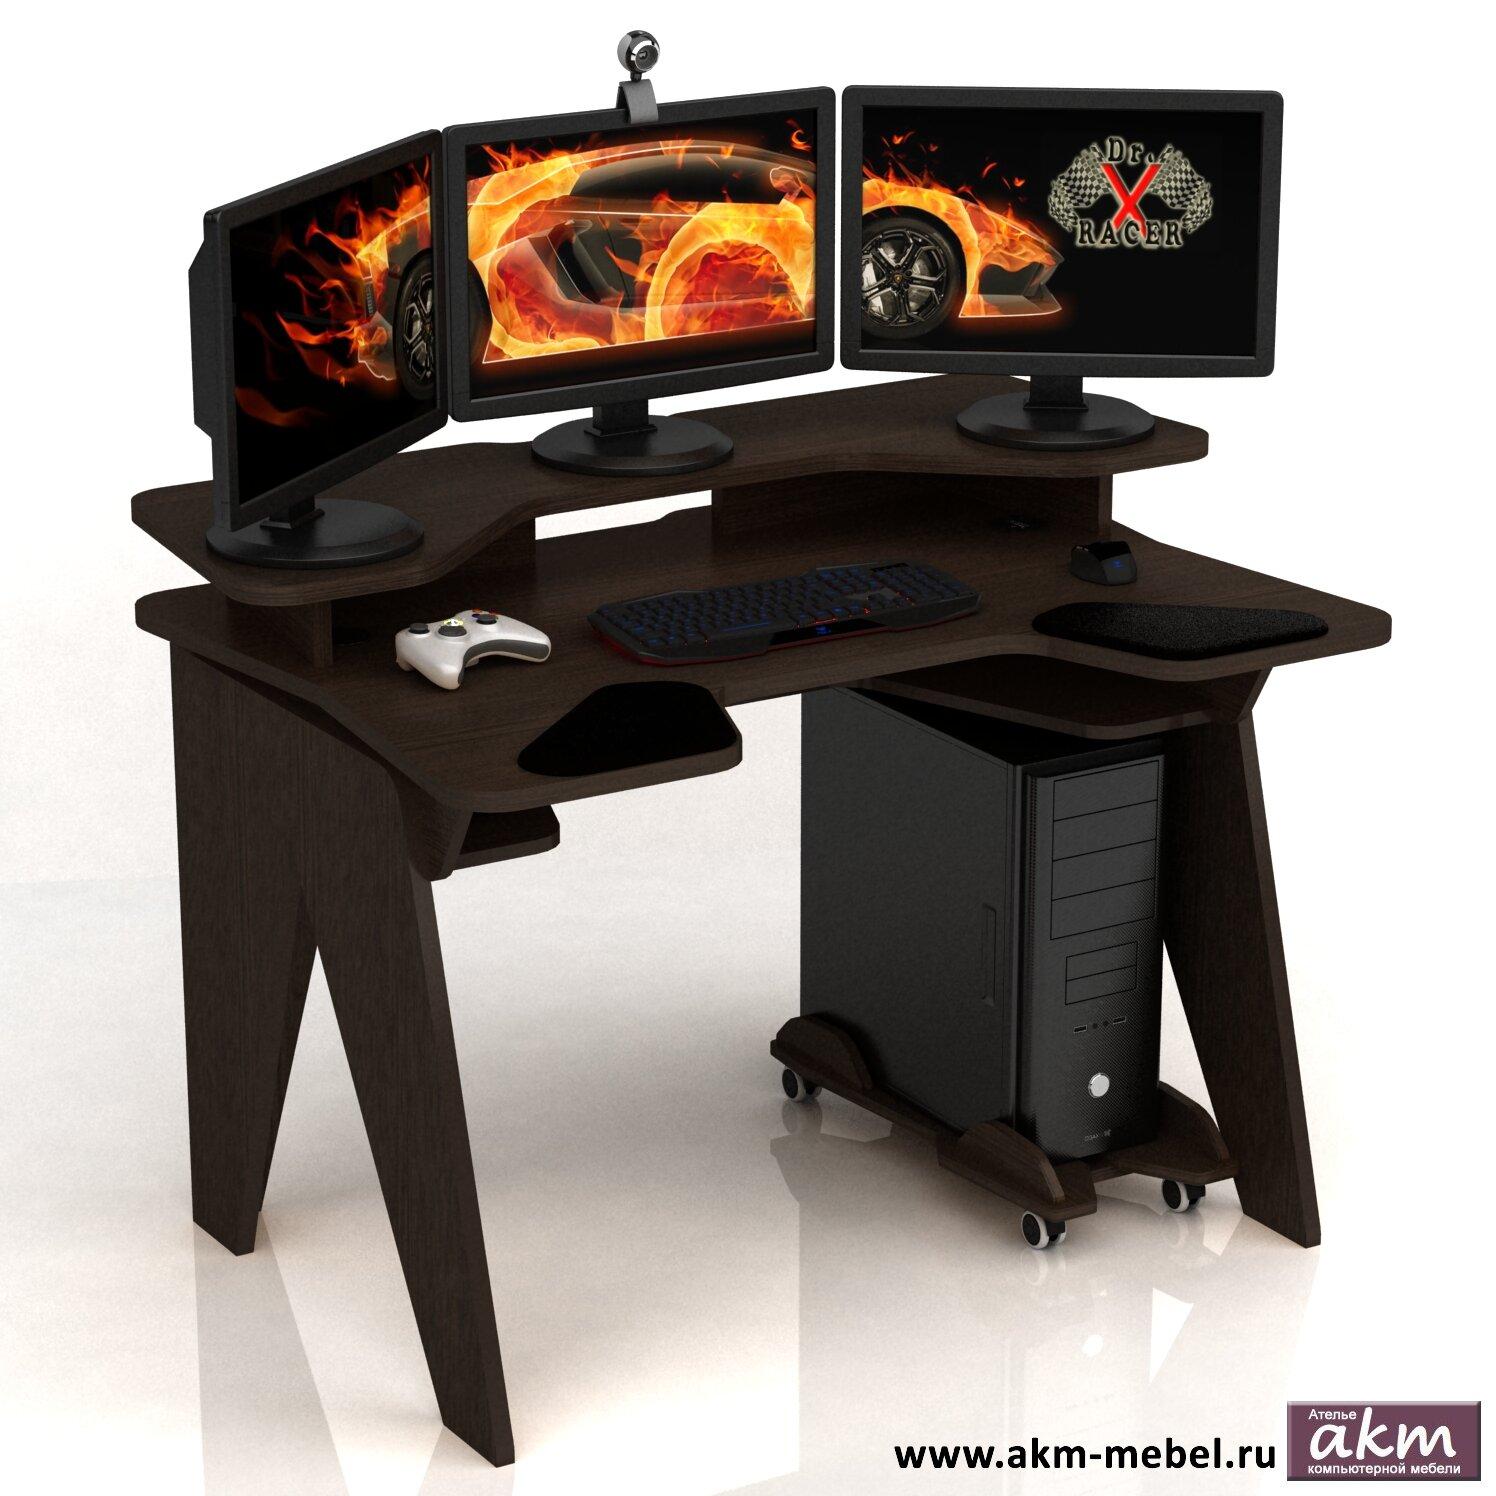 Игровой стол AKM-MEBEL RAPTOR Sport фото 1